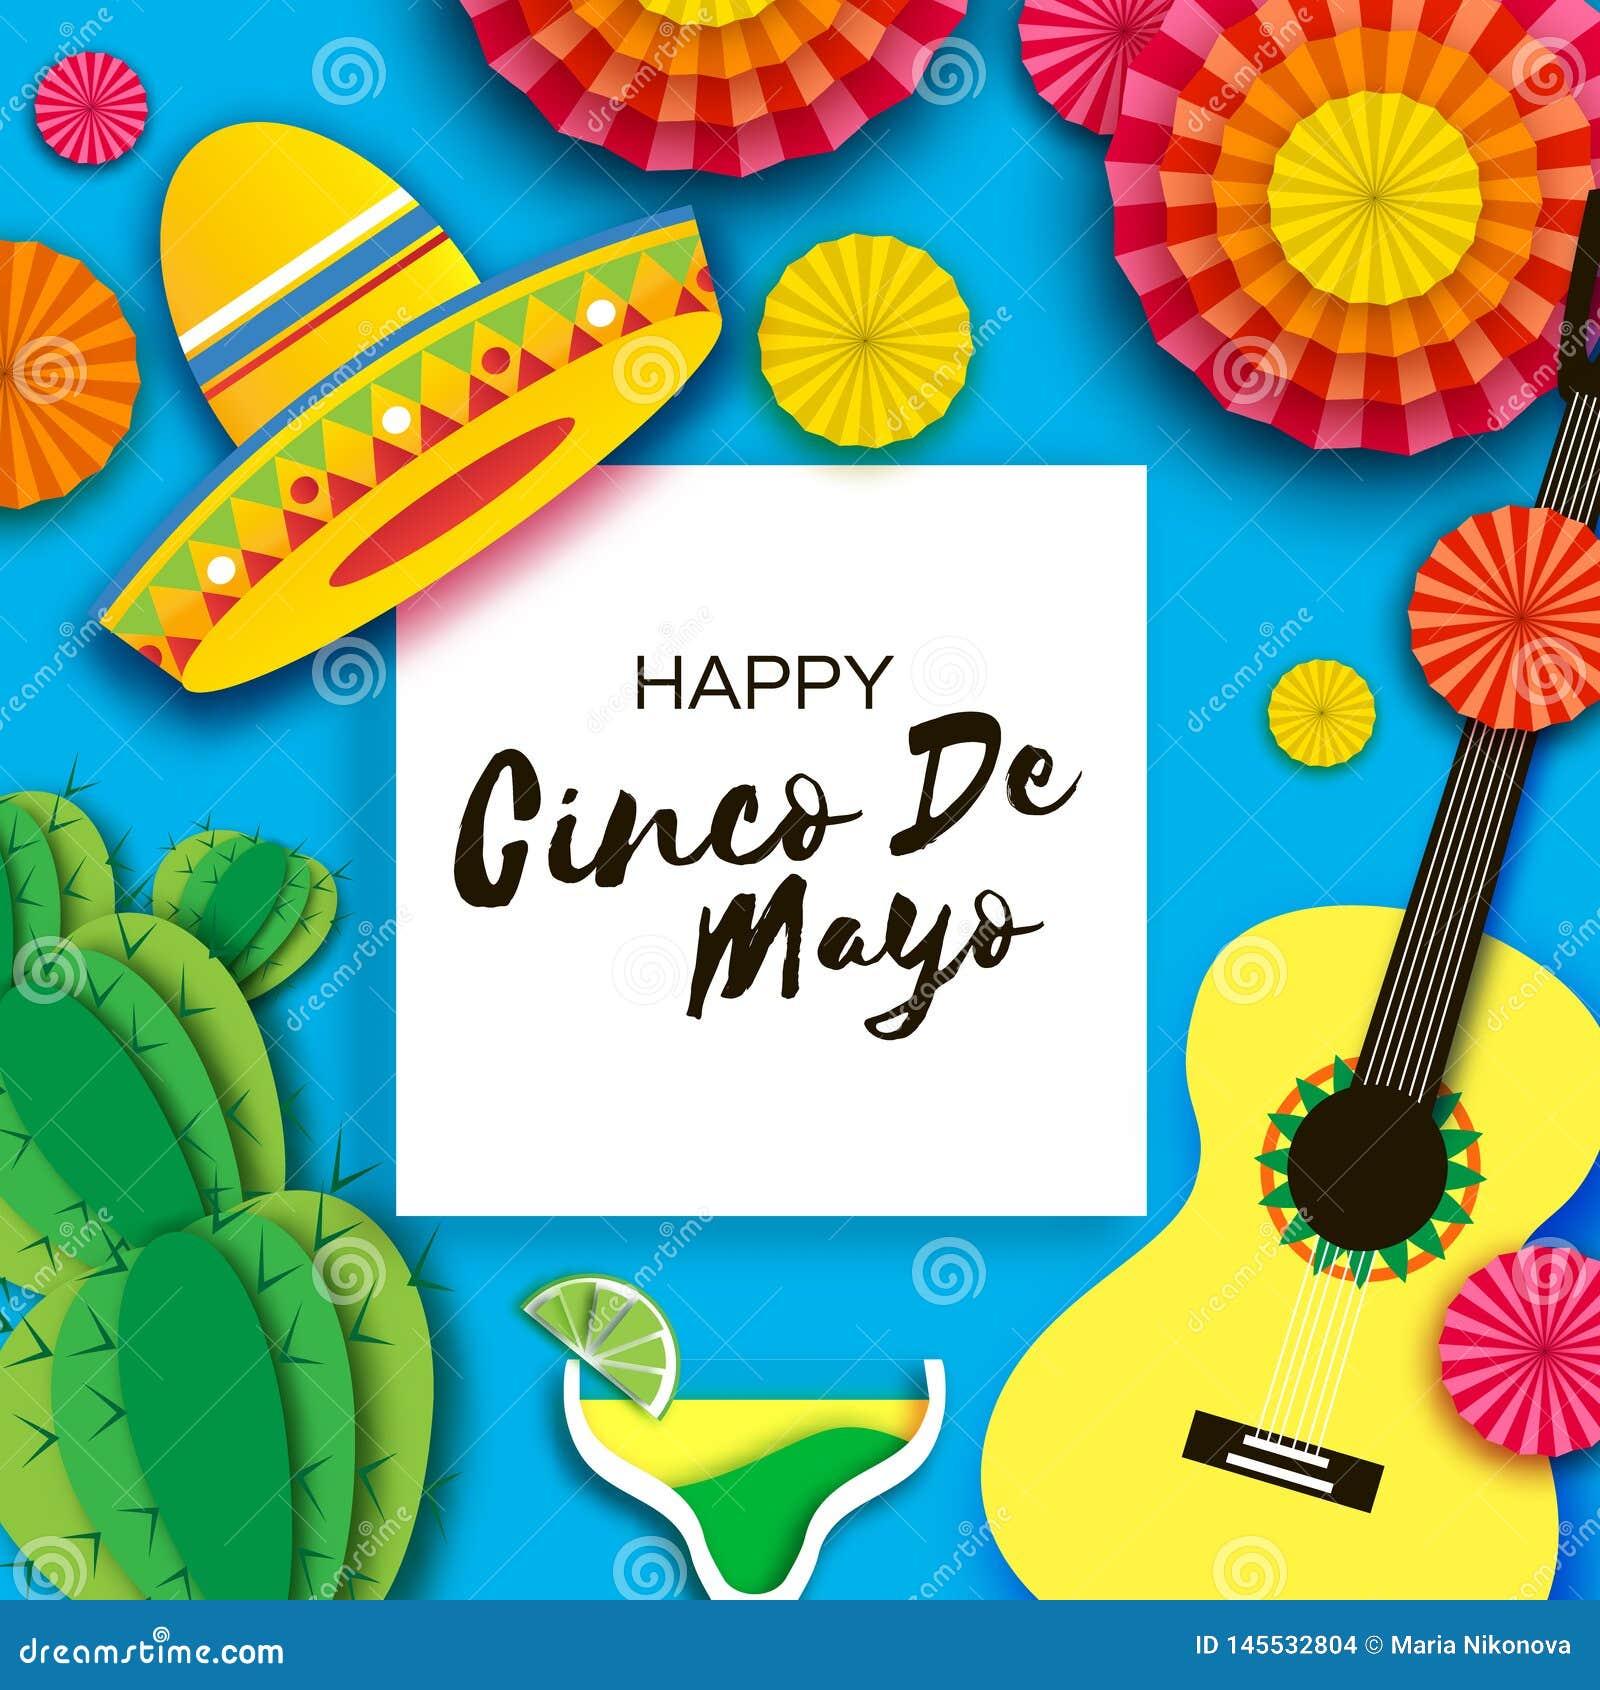 Happy Cinco De Mayo Greeting Card ...